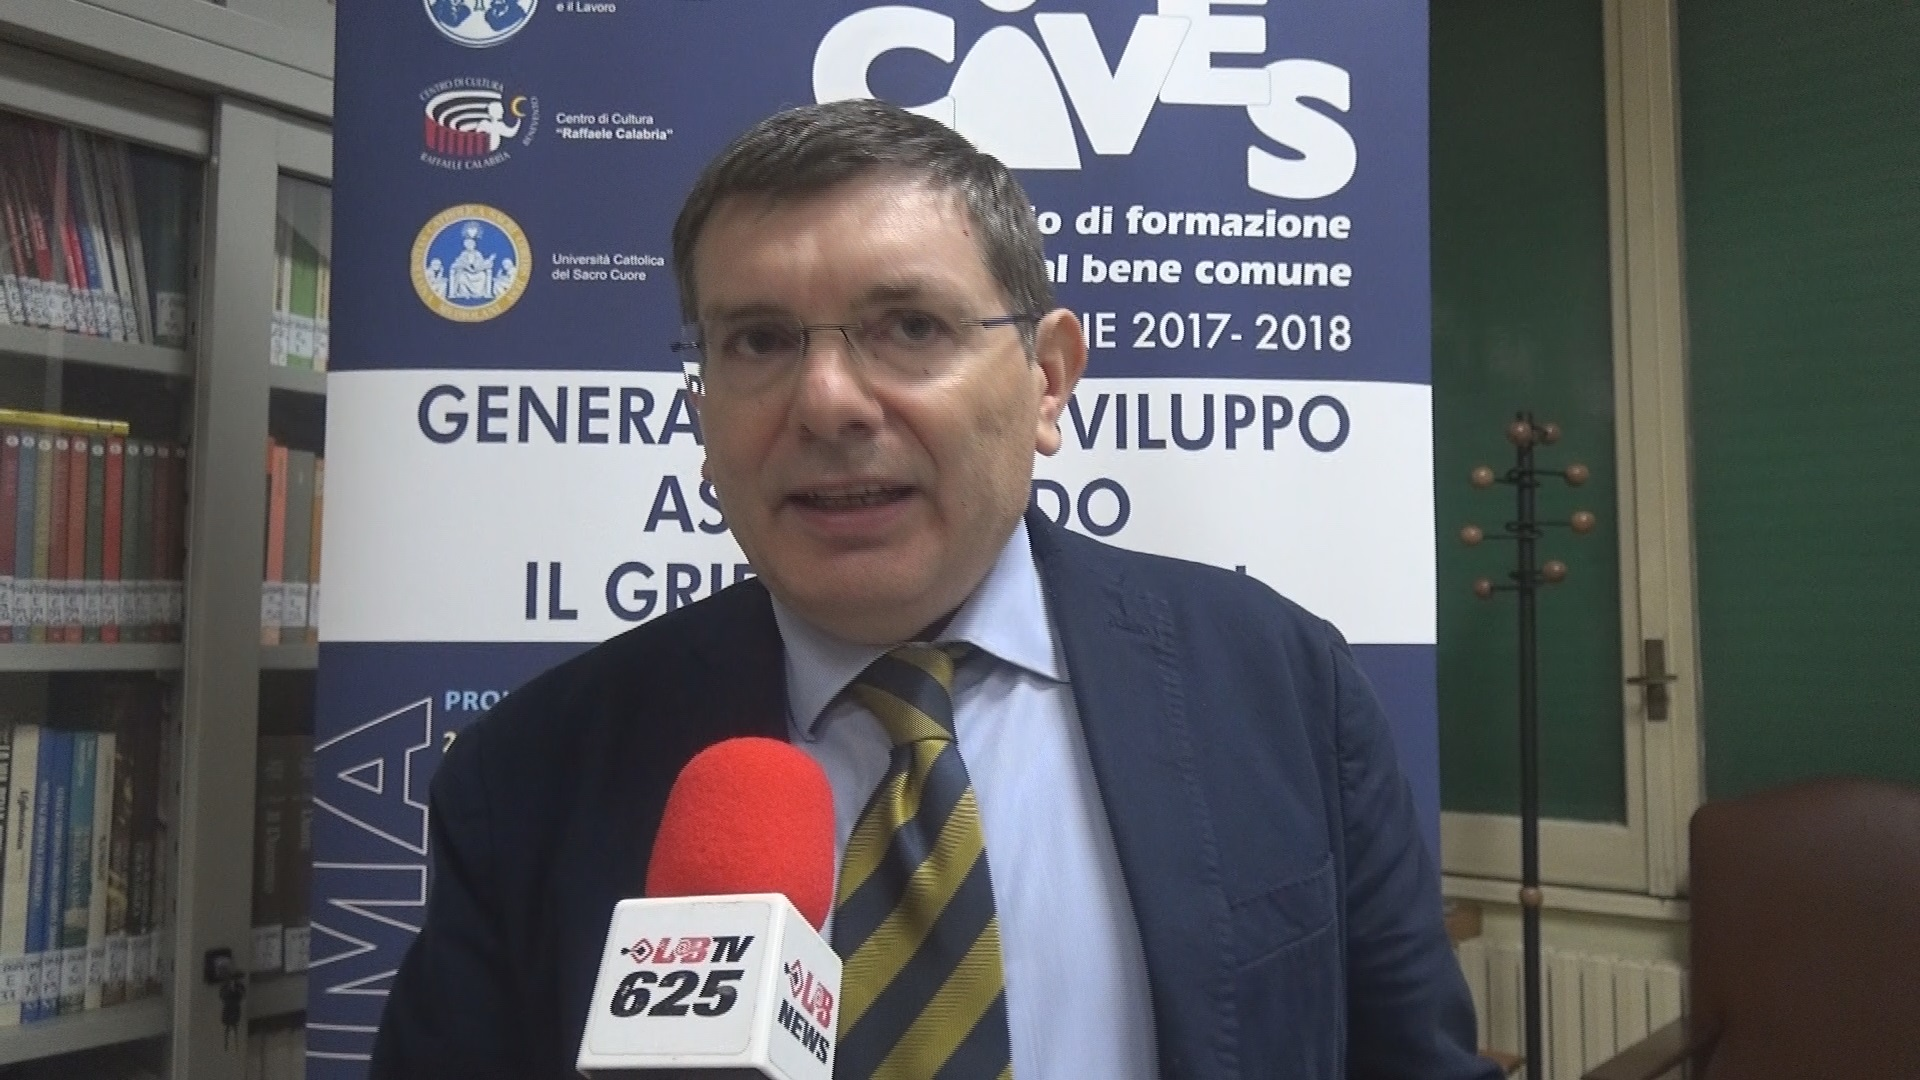 Benevento| Cives in dialogo con Marino Cavallo  su un'altra idea di smart city